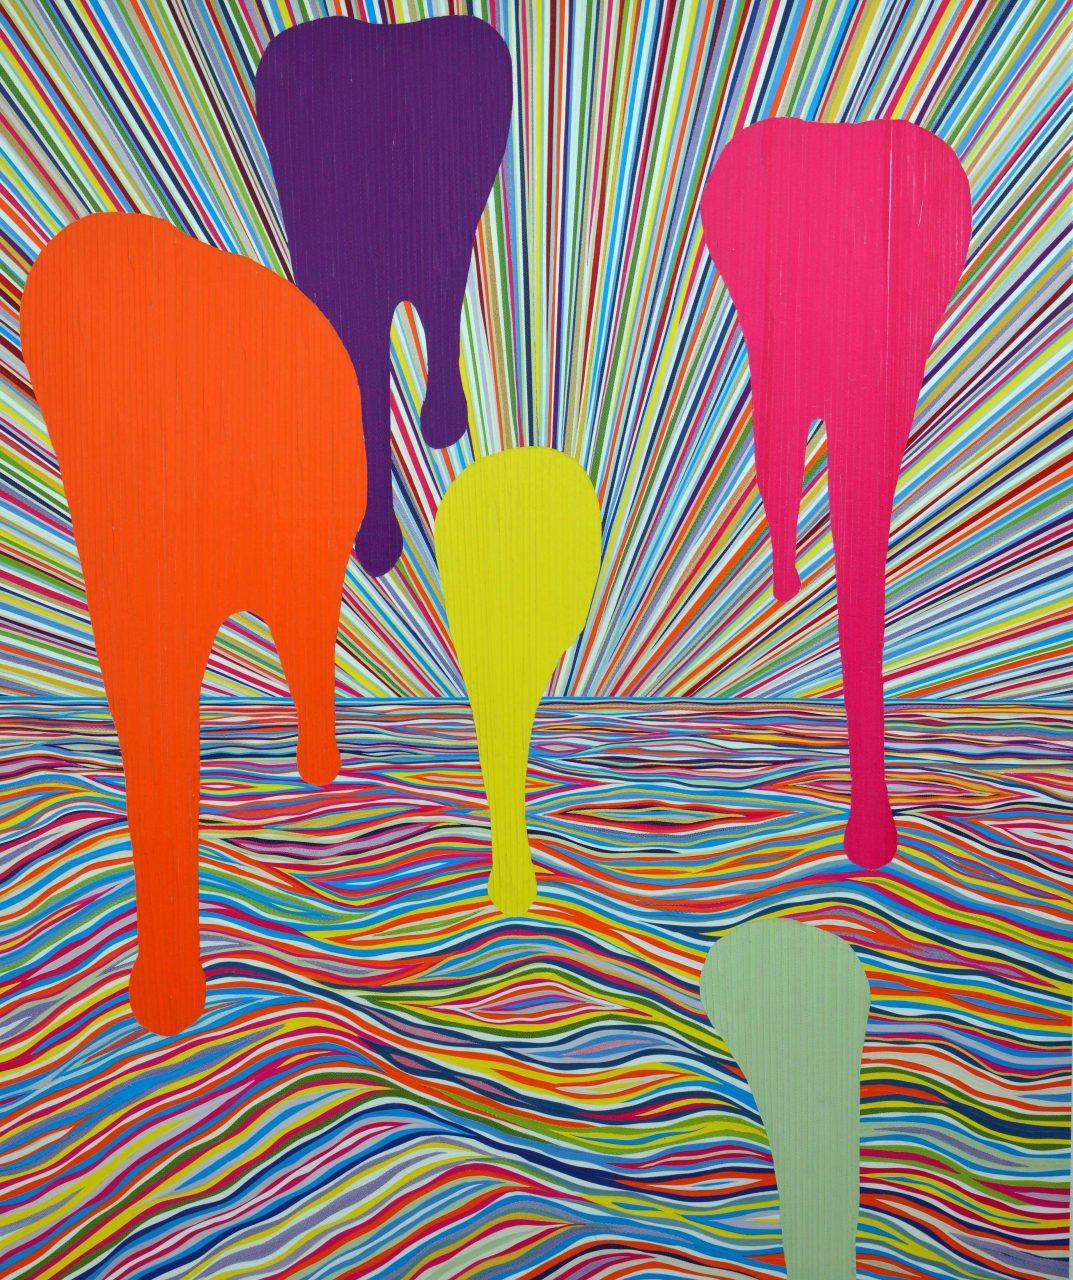 Artist Attacks Picture, 121 x 101 cm, 2016